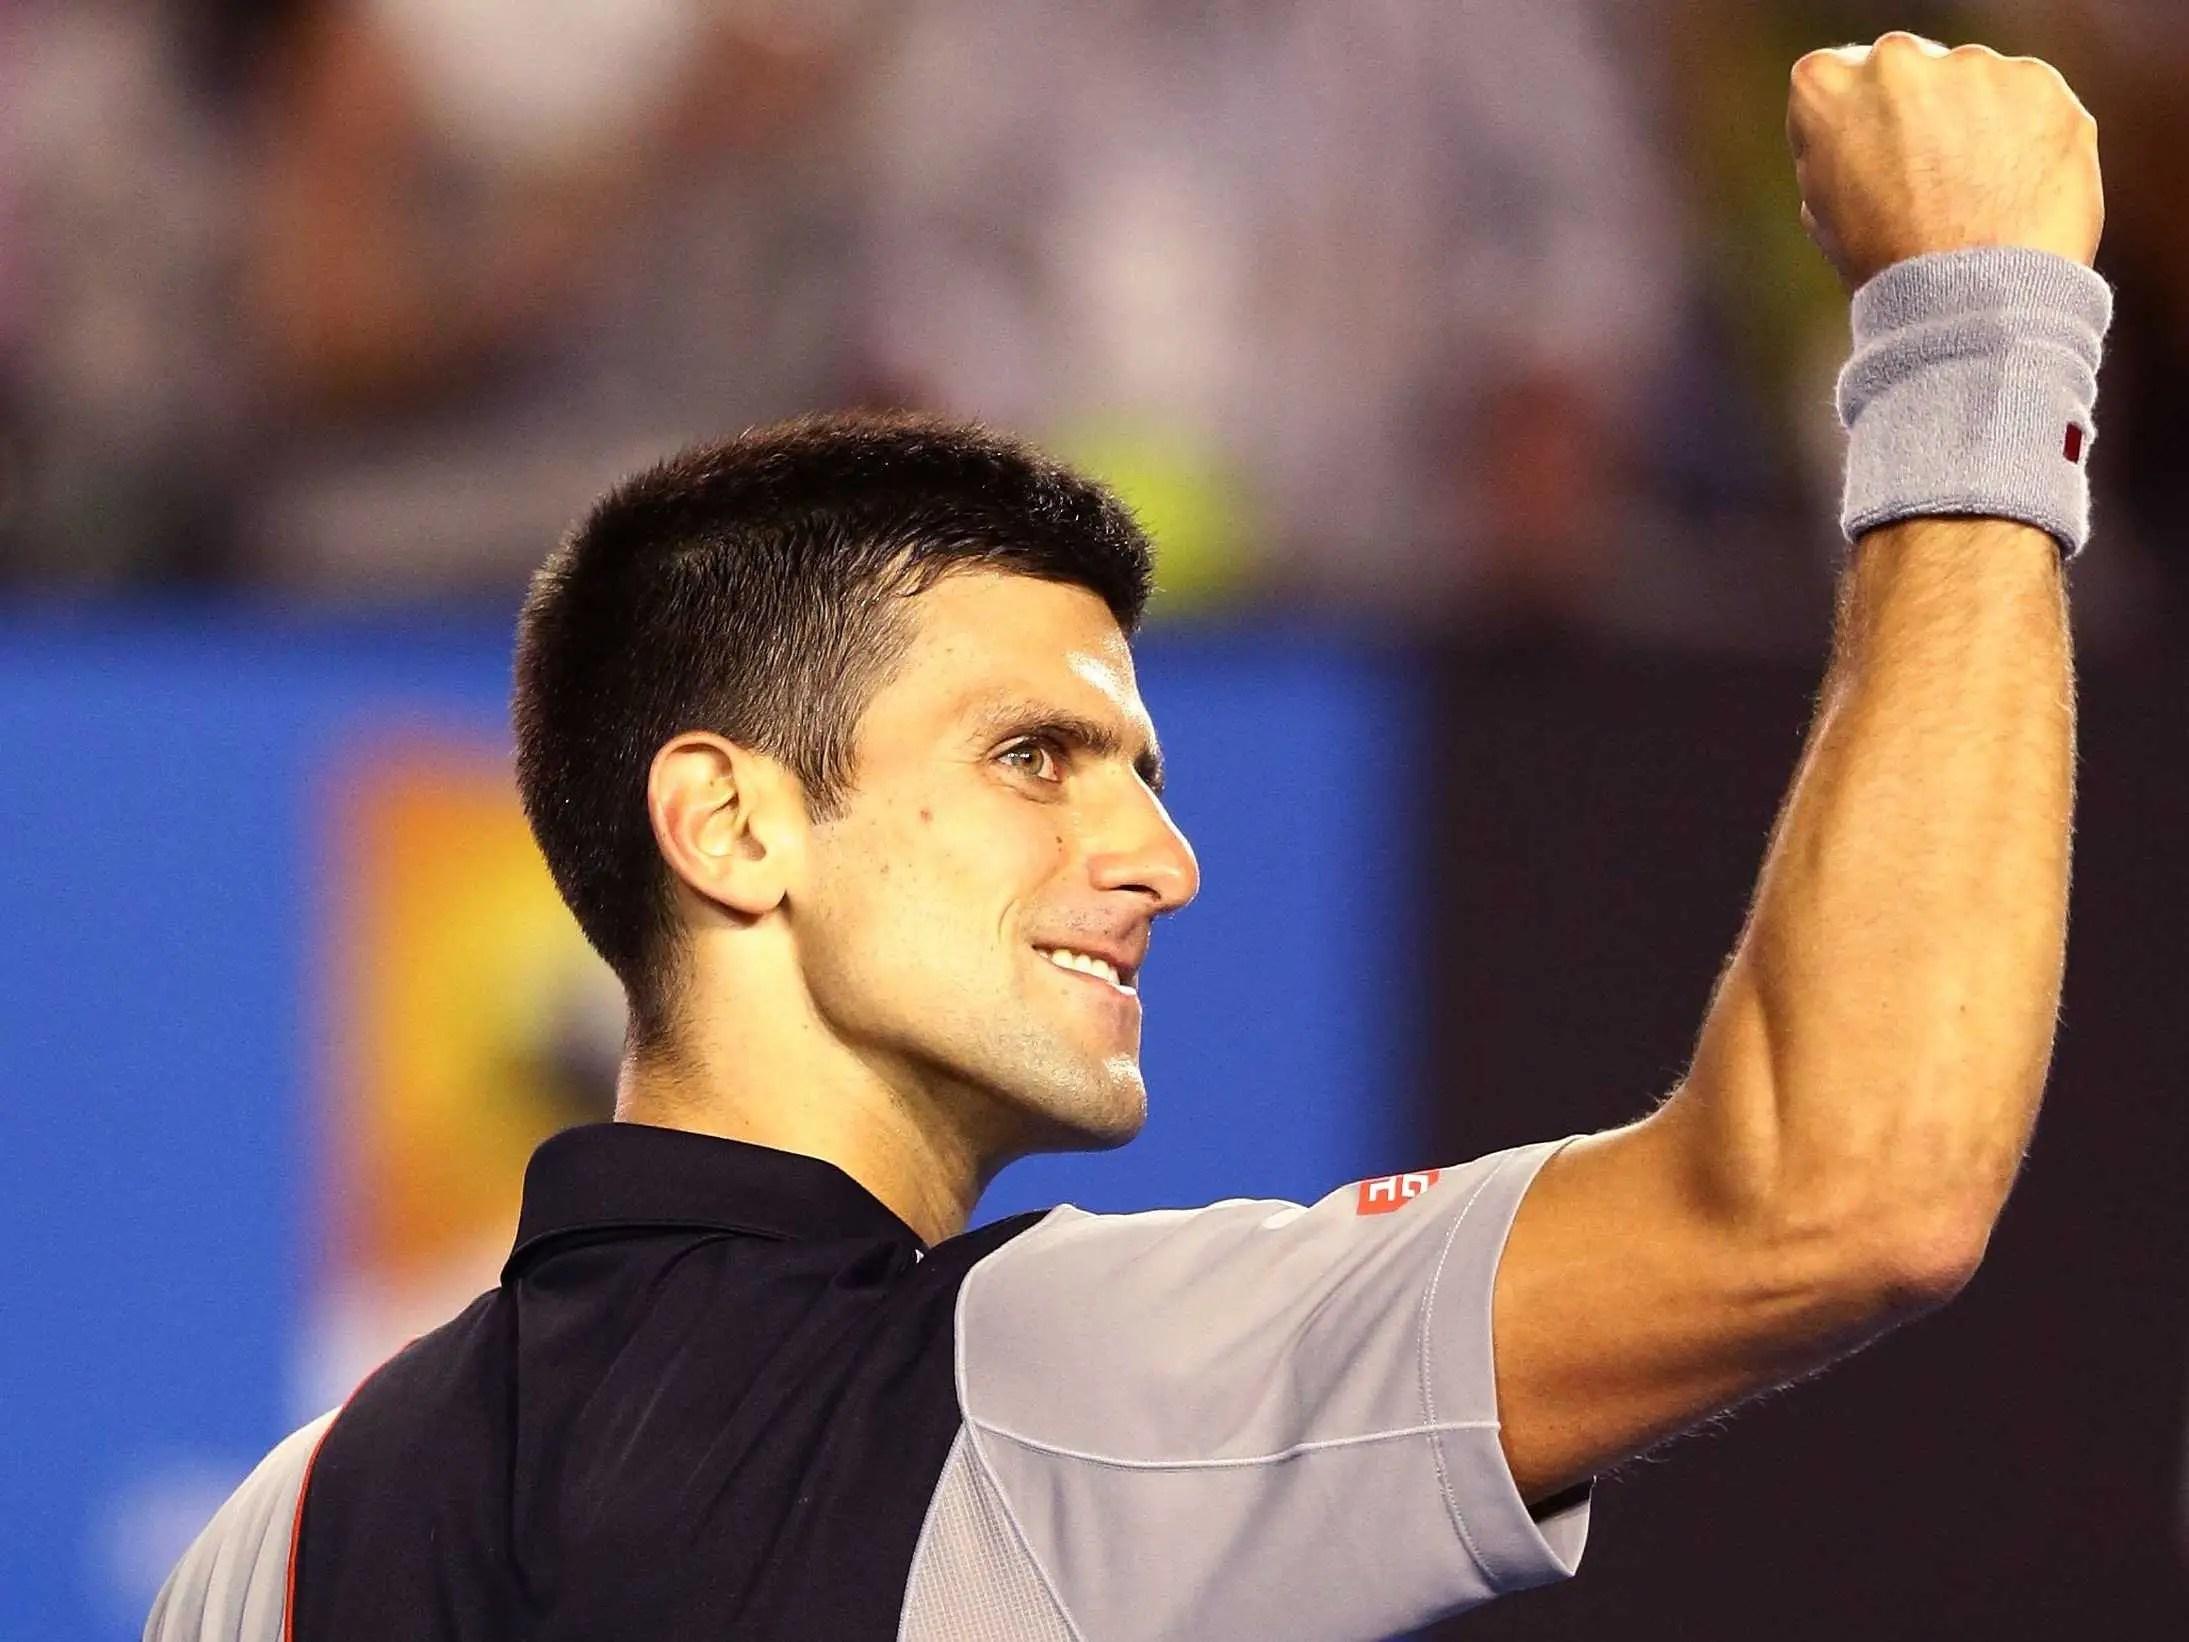 #42 Novak Djokovic